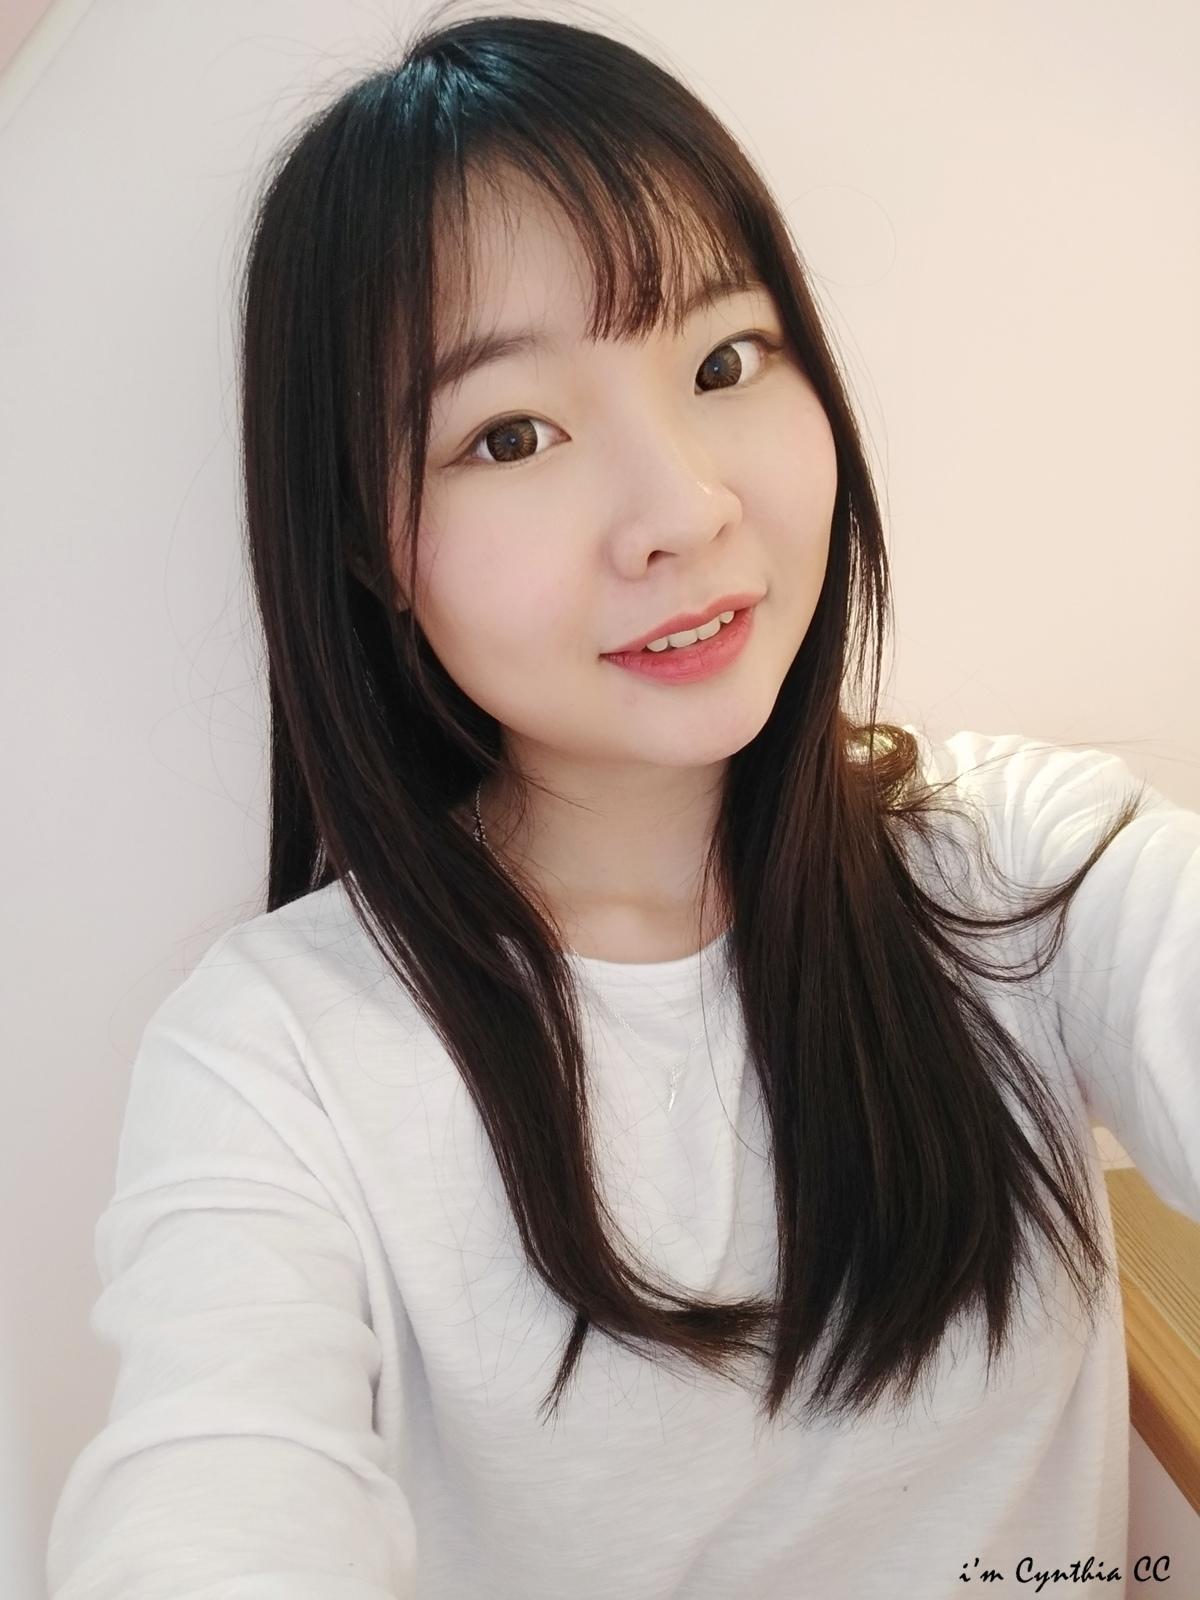 台北光澤晶漾診所脈衝光-Formax水嫩光